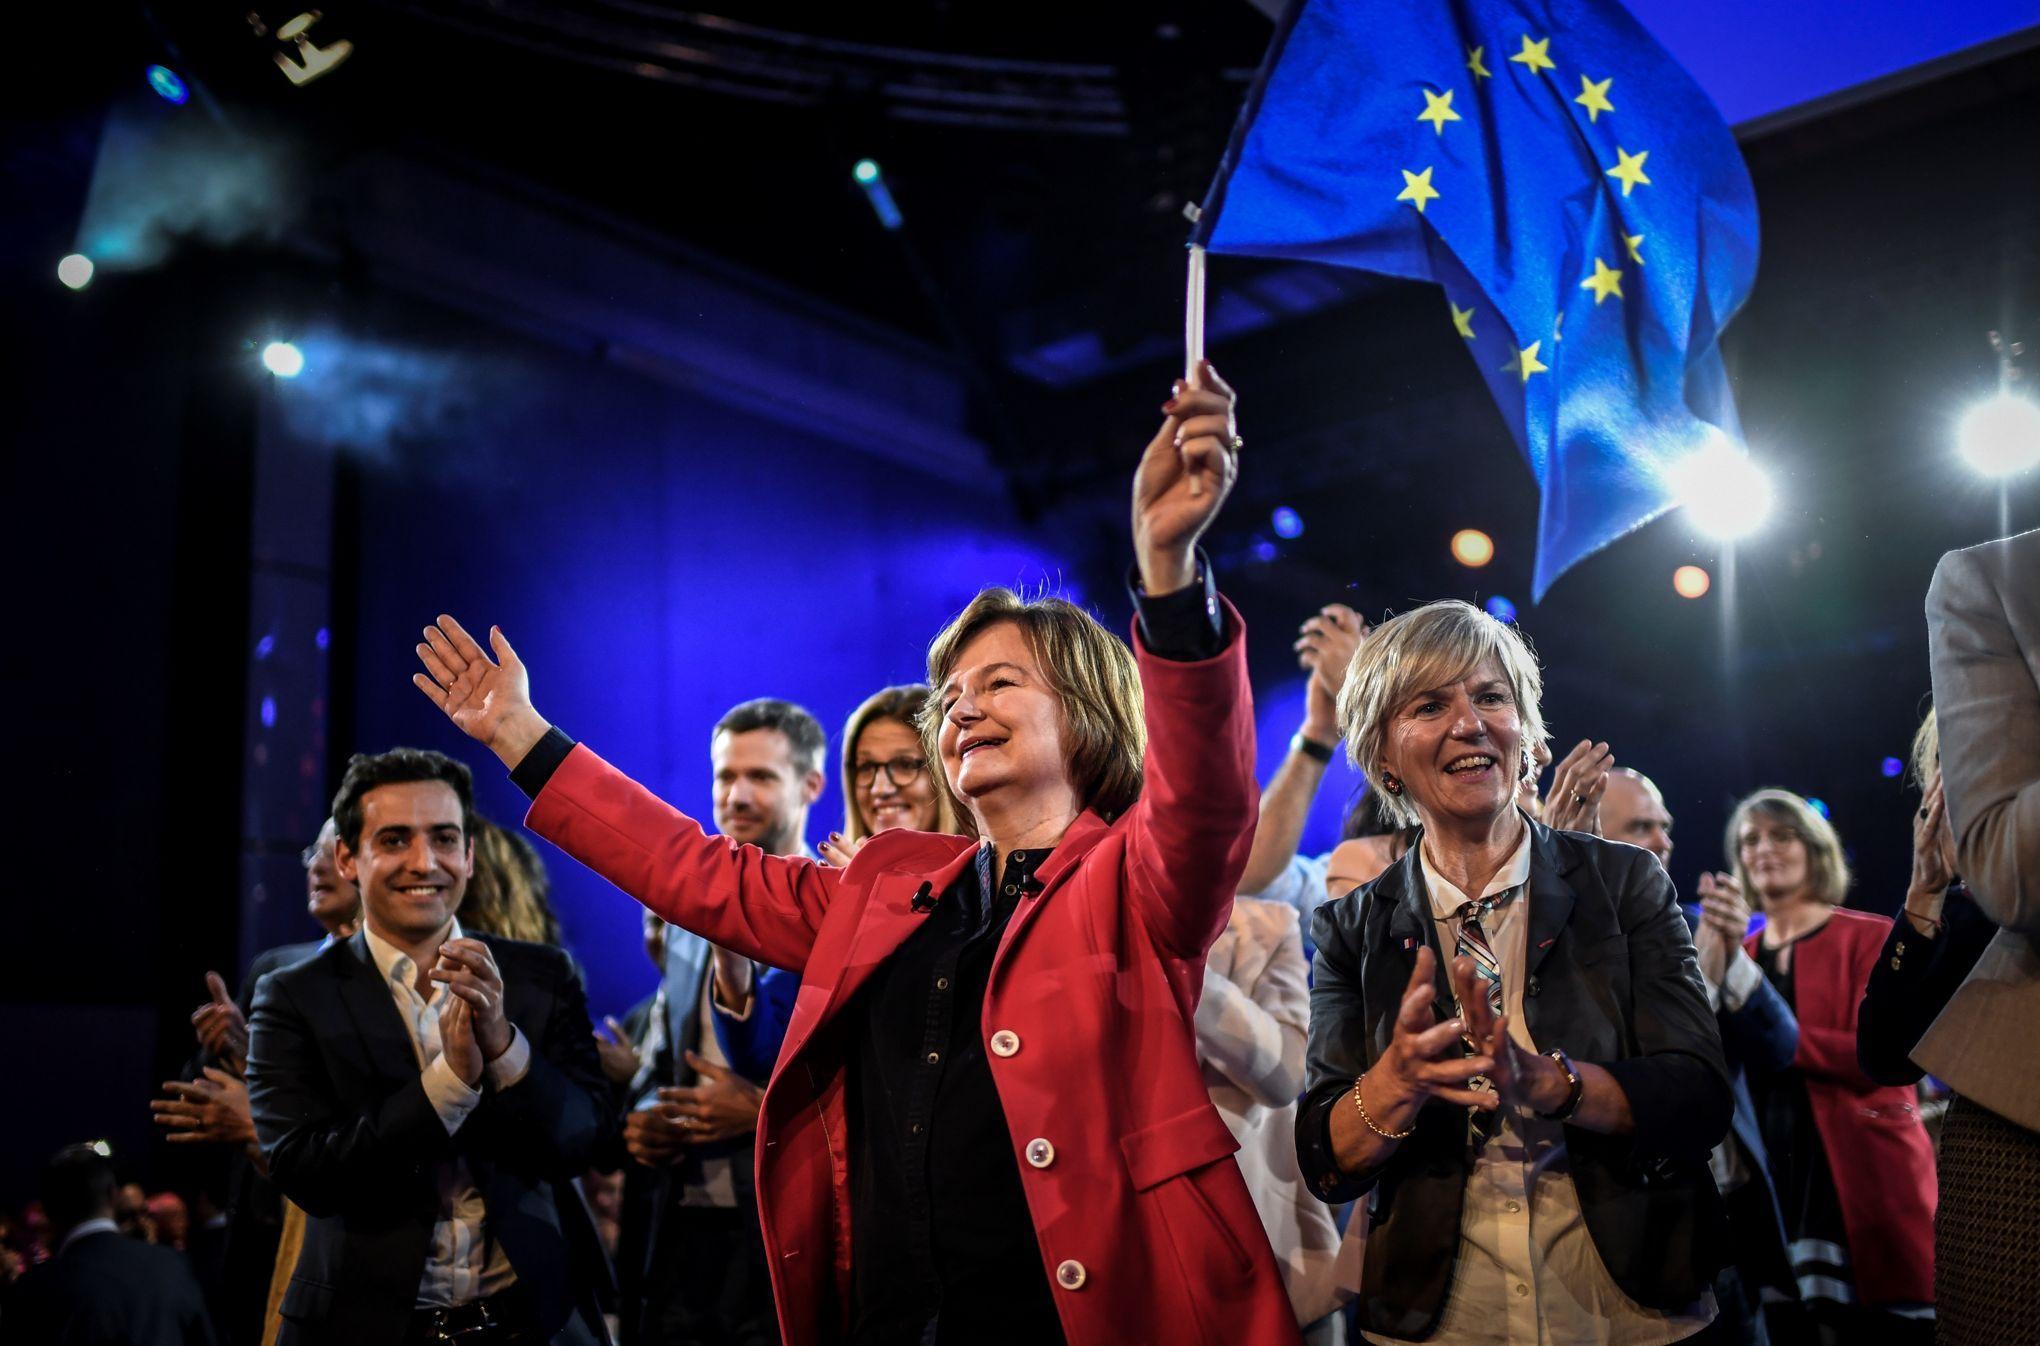 Européennes: voter La République en marche ou mourir ? – Le Figaro 04/04/2019